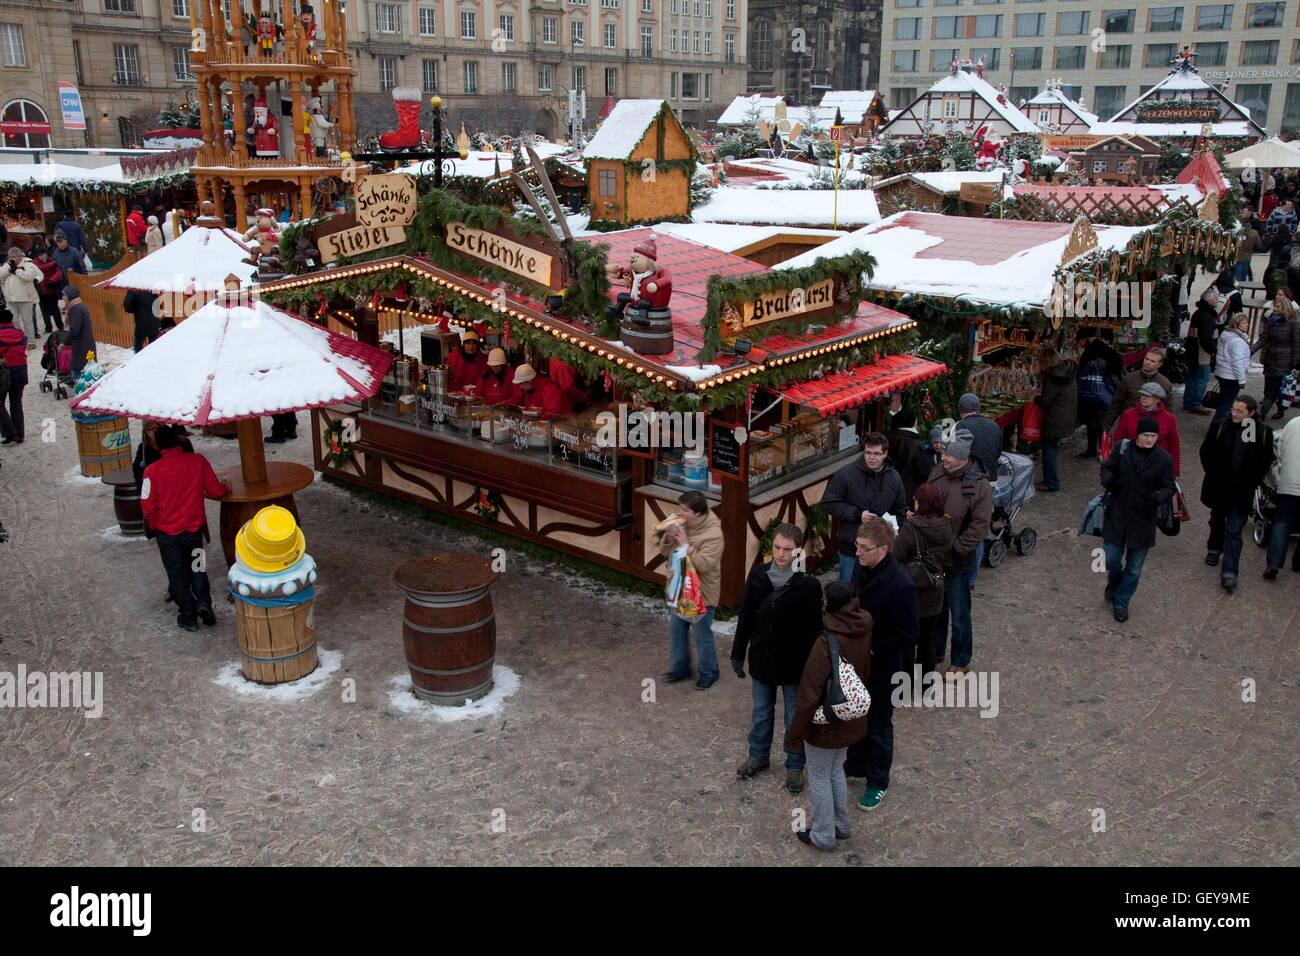 Christmas market, Dresden - Stock Image